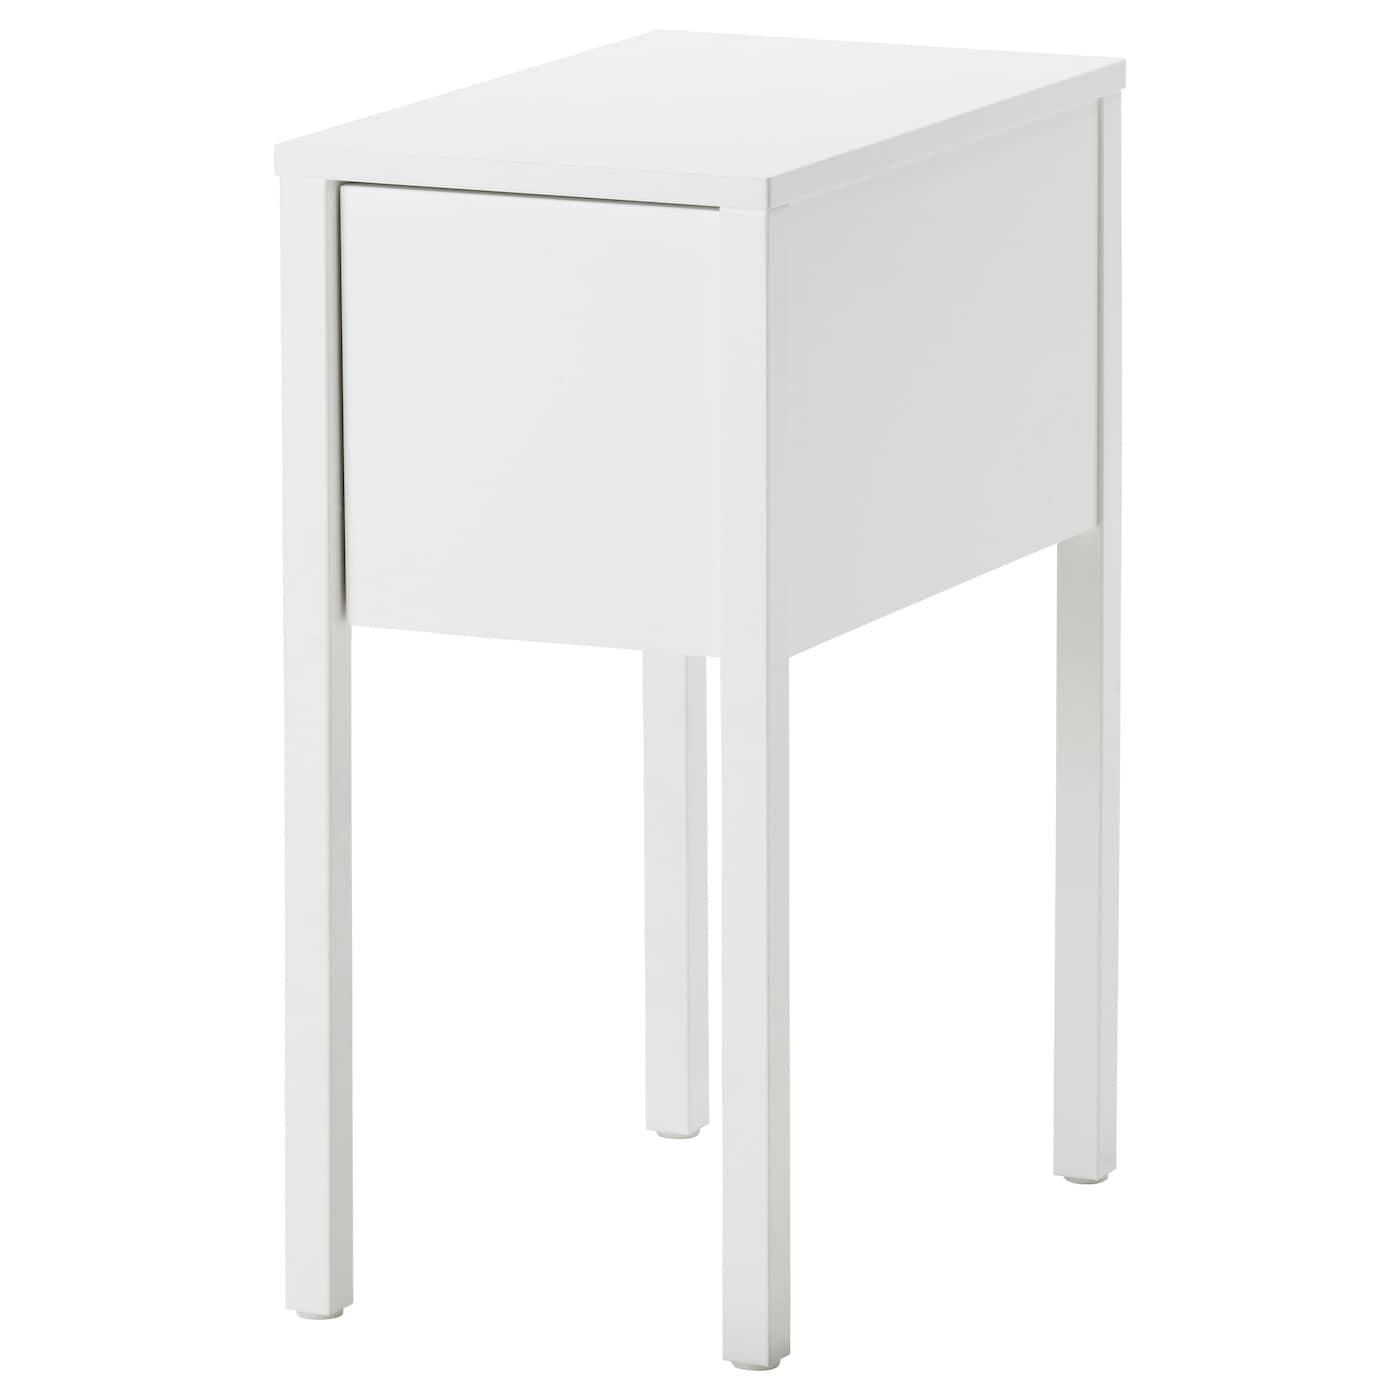 nordli serie ikea. Black Bedroom Furniture Sets. Home Design Ideas